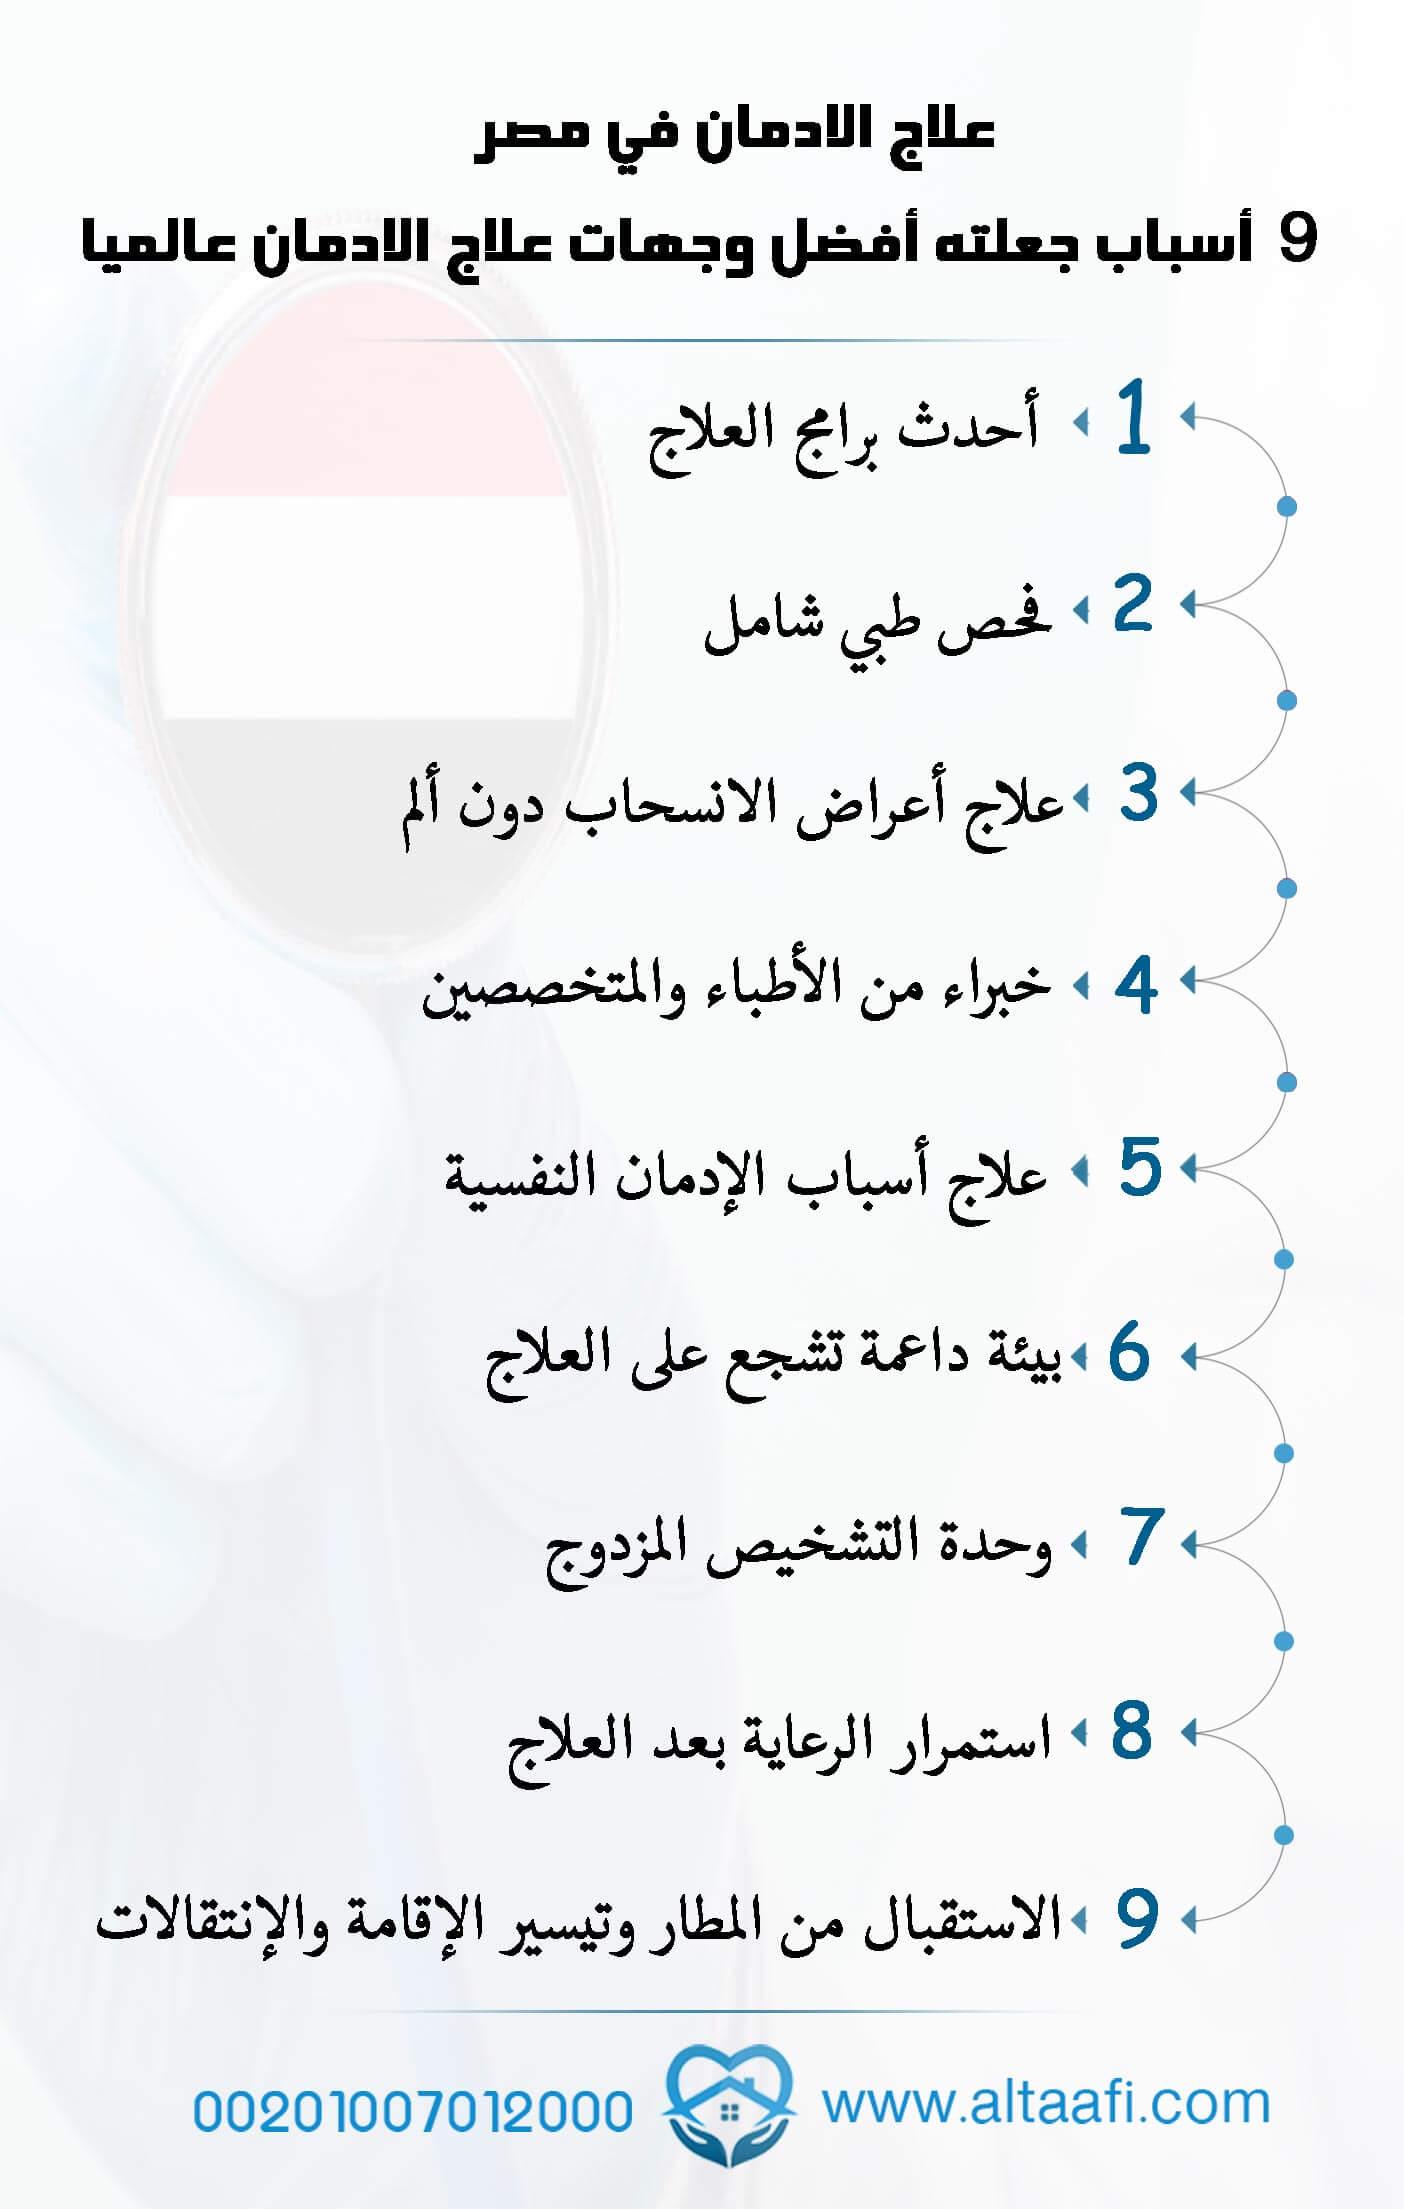 علاج-الادمان-في-مصر